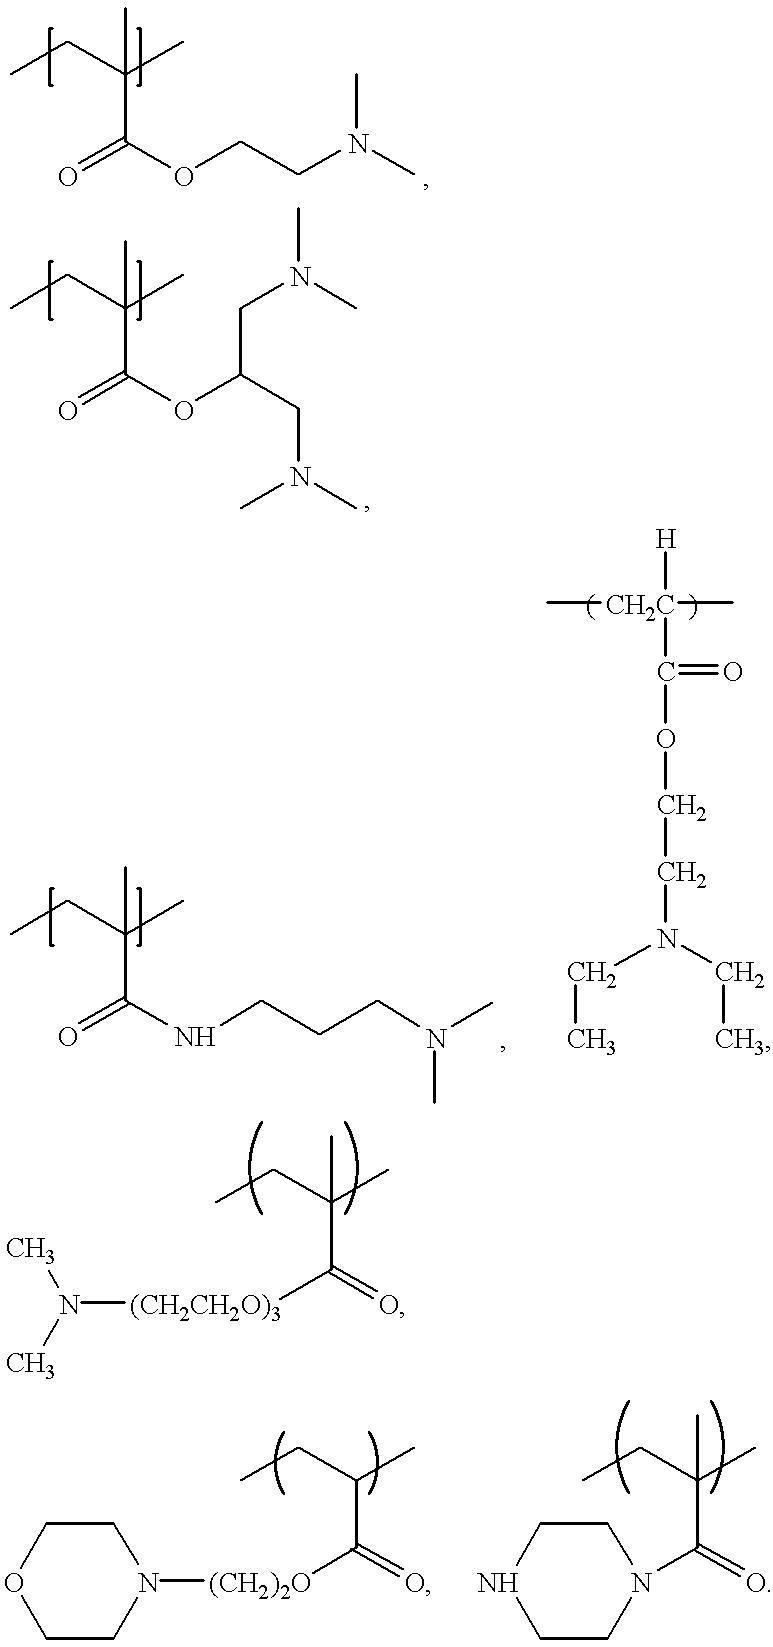 Figure US06376631-20020423-C00015